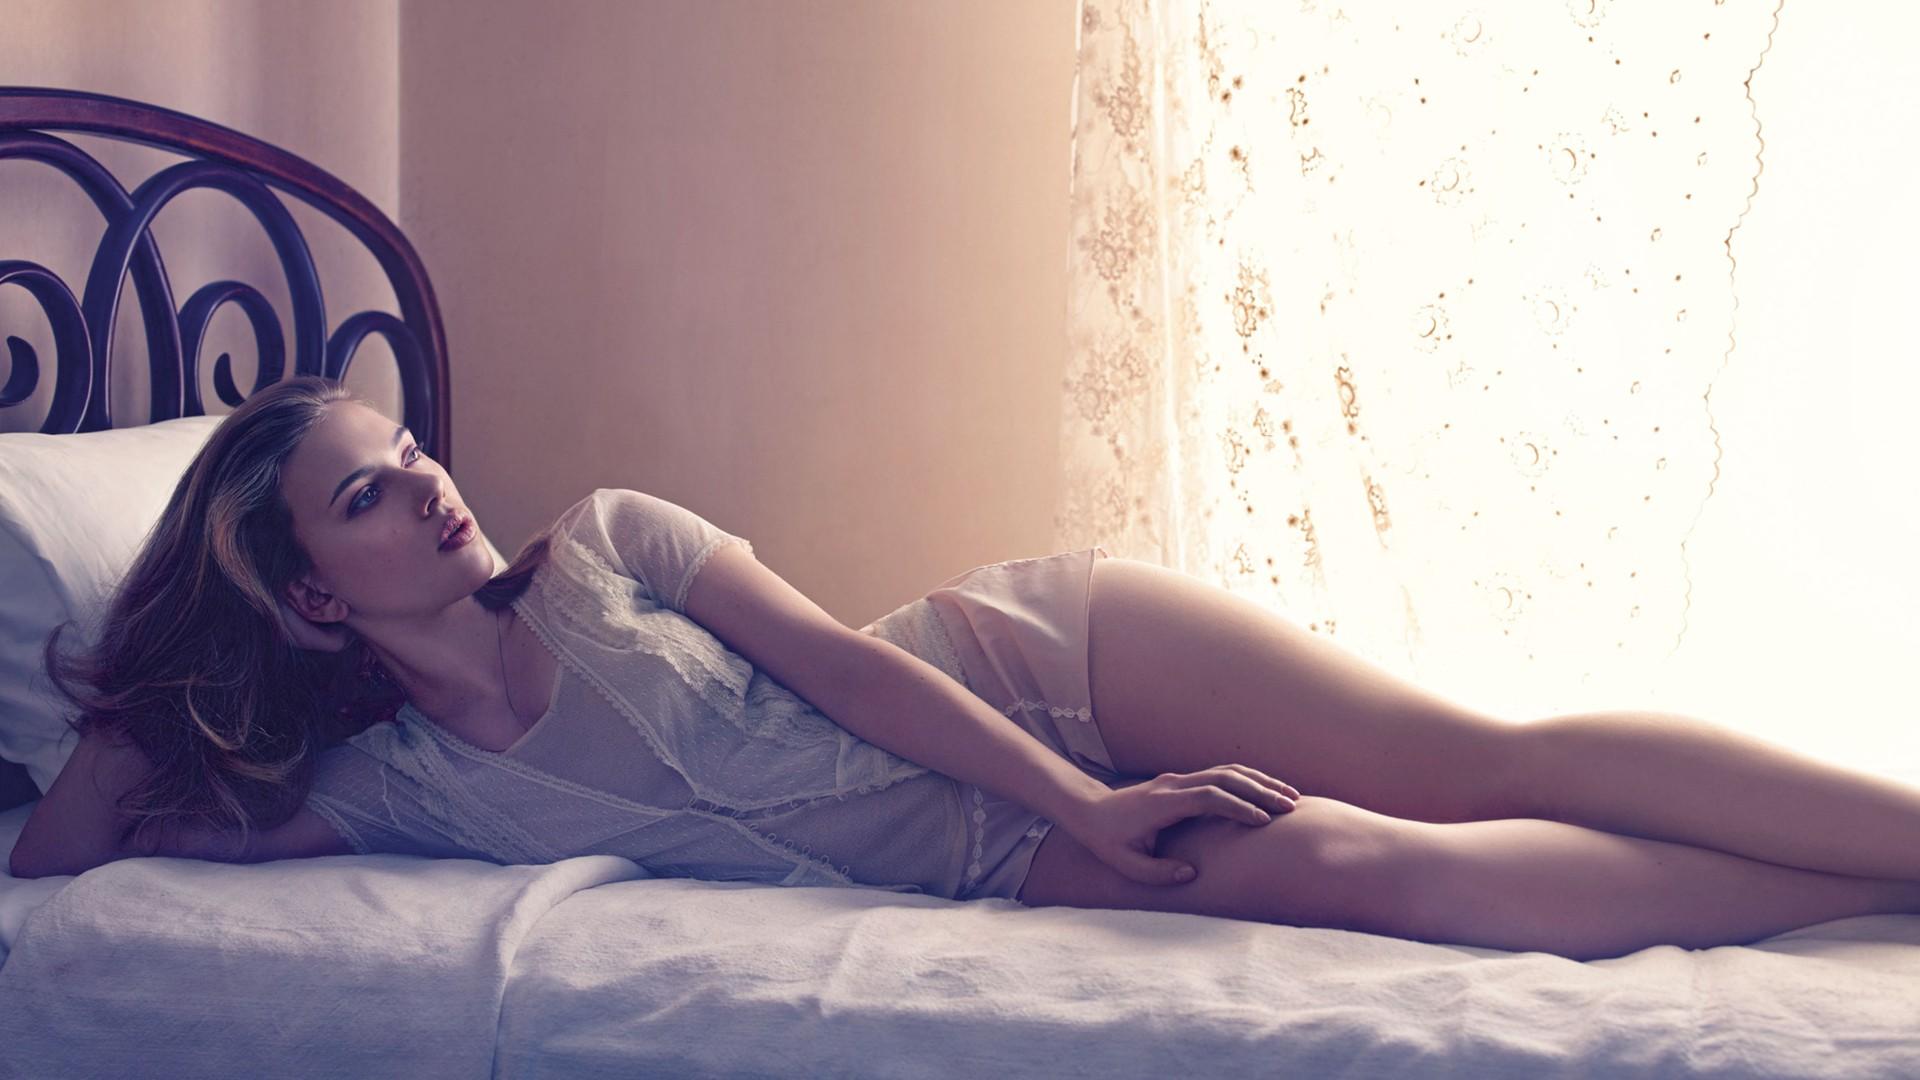 соглашается девушка лежит в кровати фото на телефон что